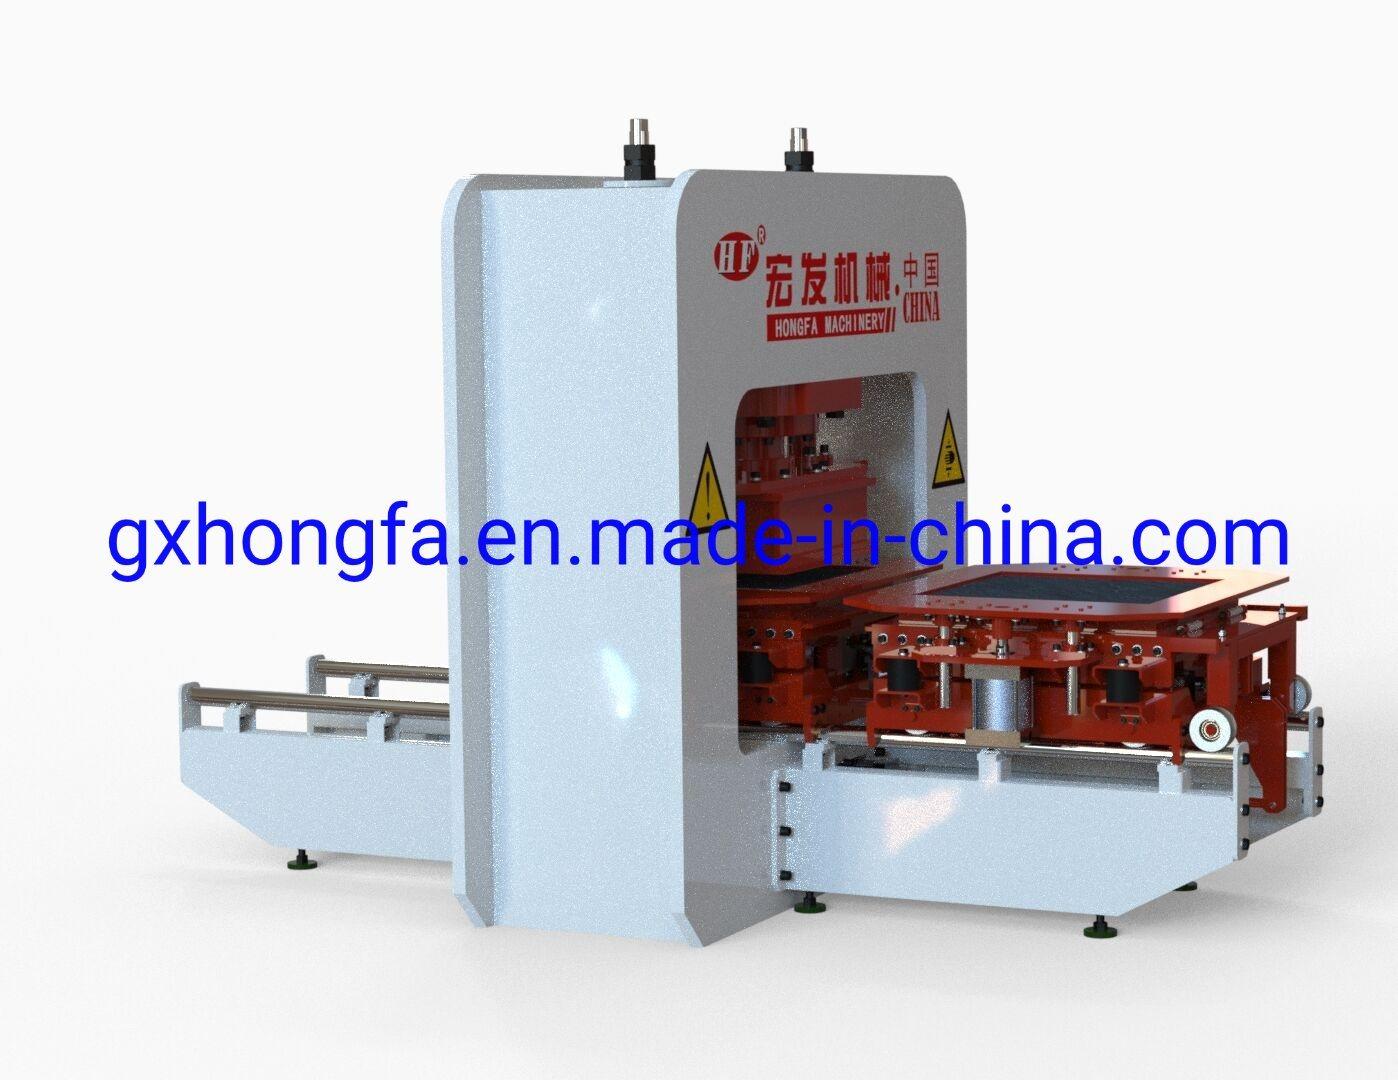 guangxi hongfa heavy machinery co ltd